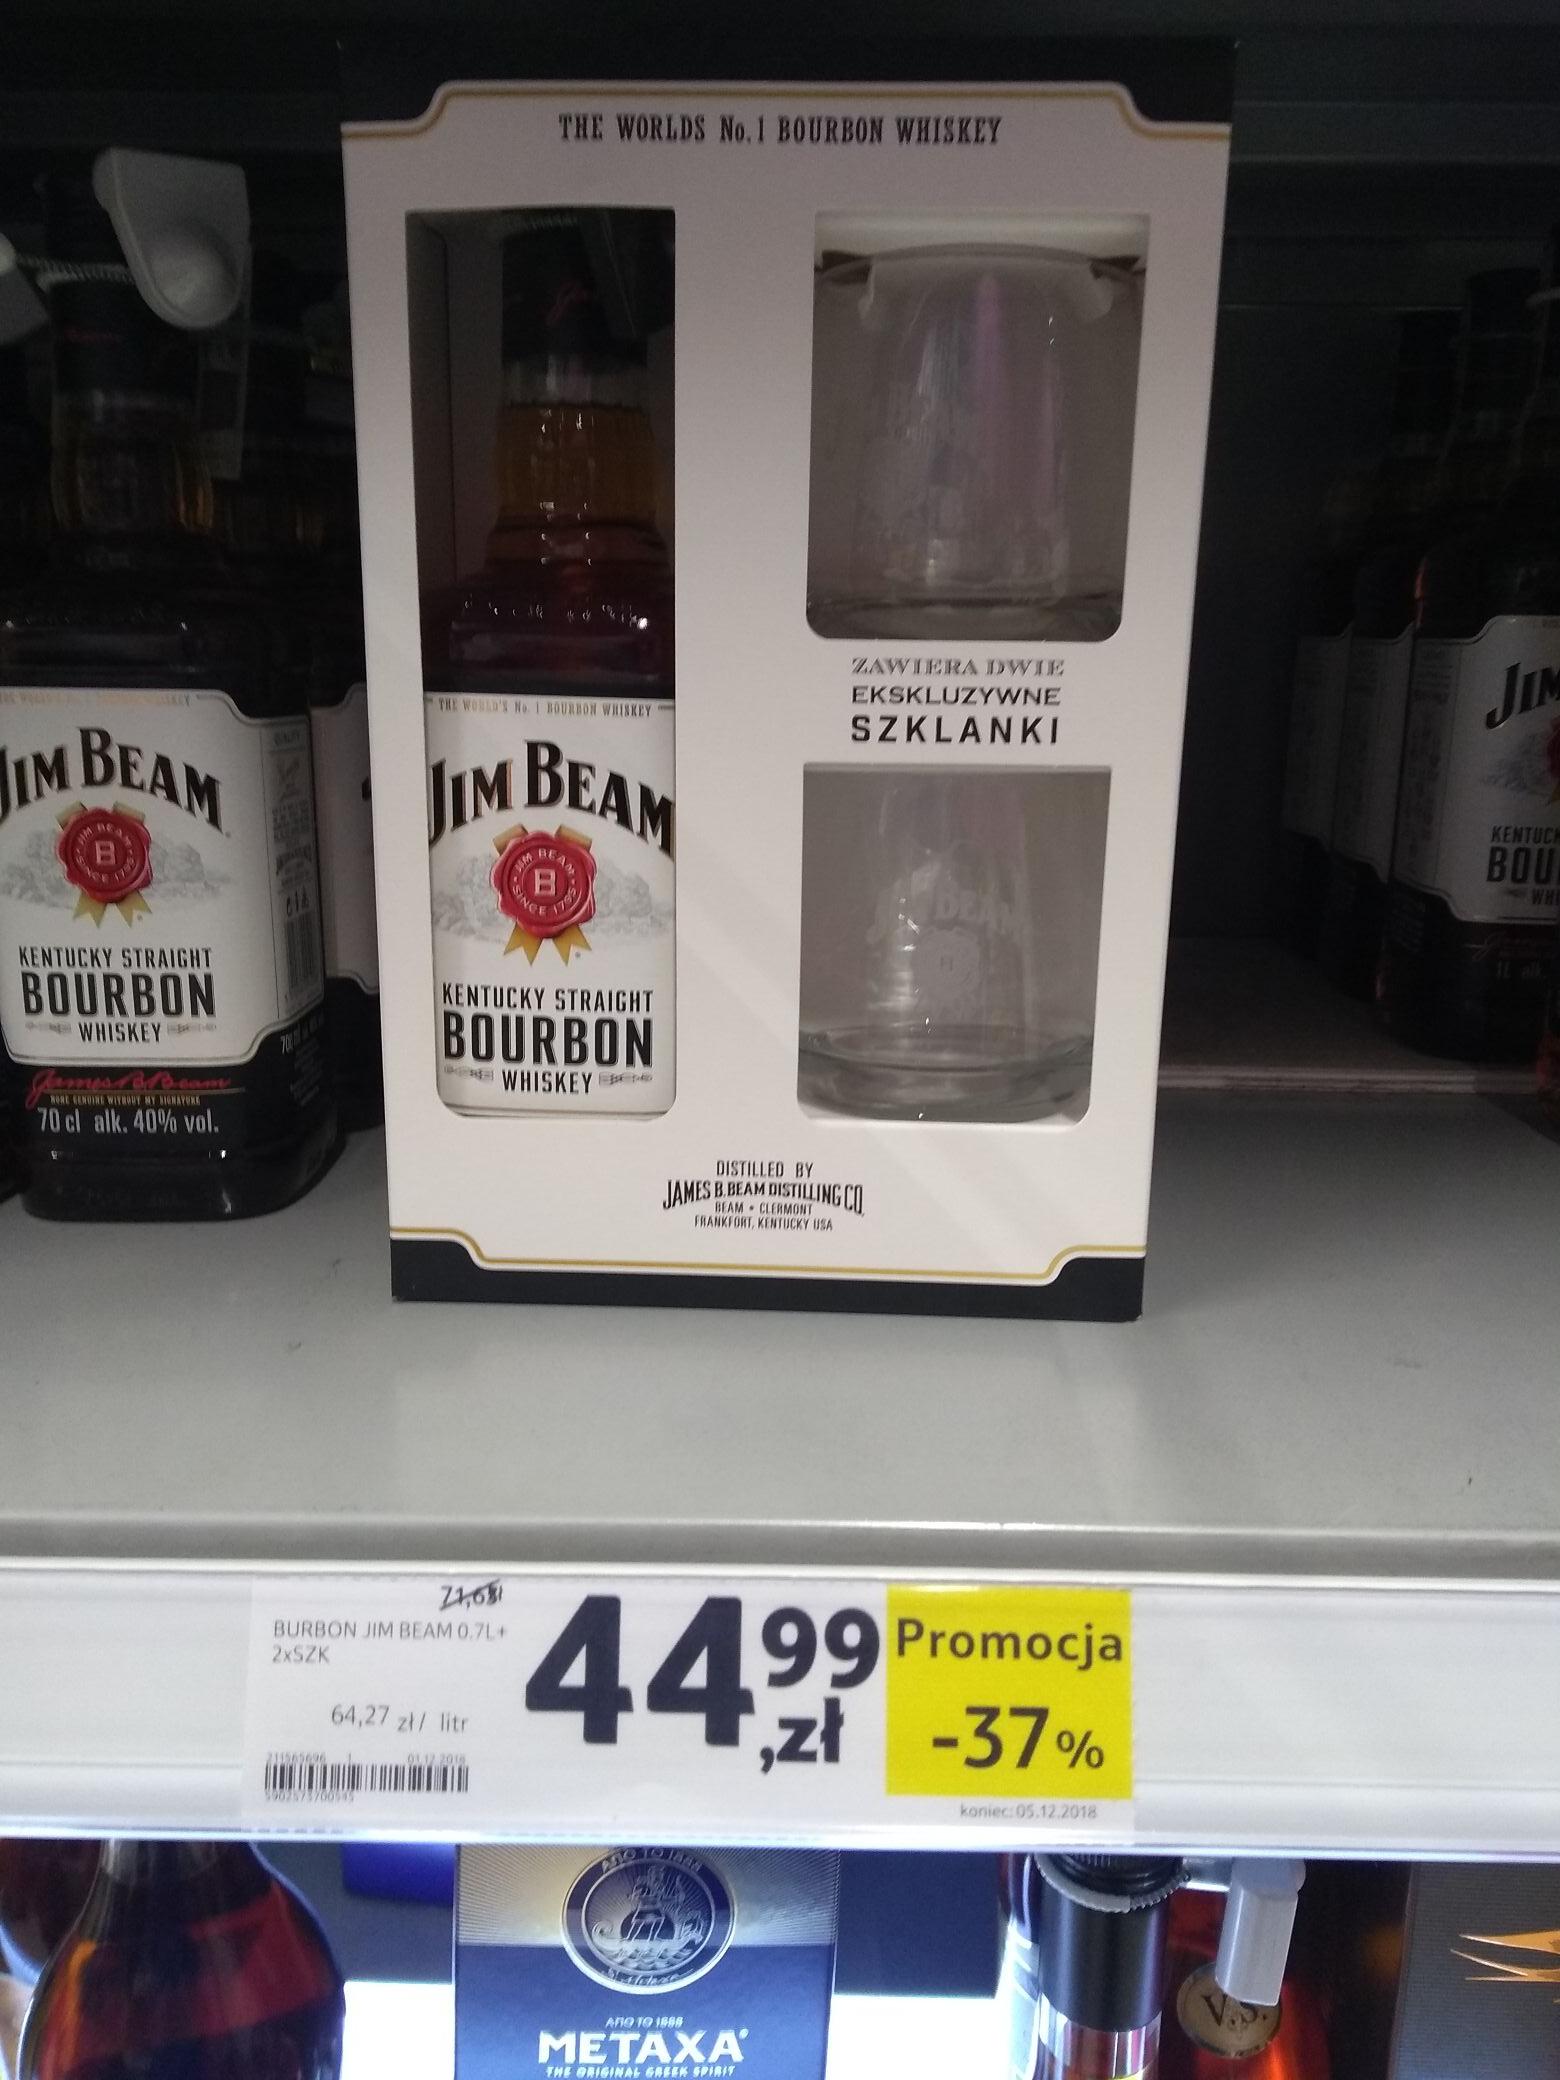 Oferta do 01.01.2019 ! Jim Beam 0.7 + 2 szklanki. Goły 1l w cenie 49.99 Tesco